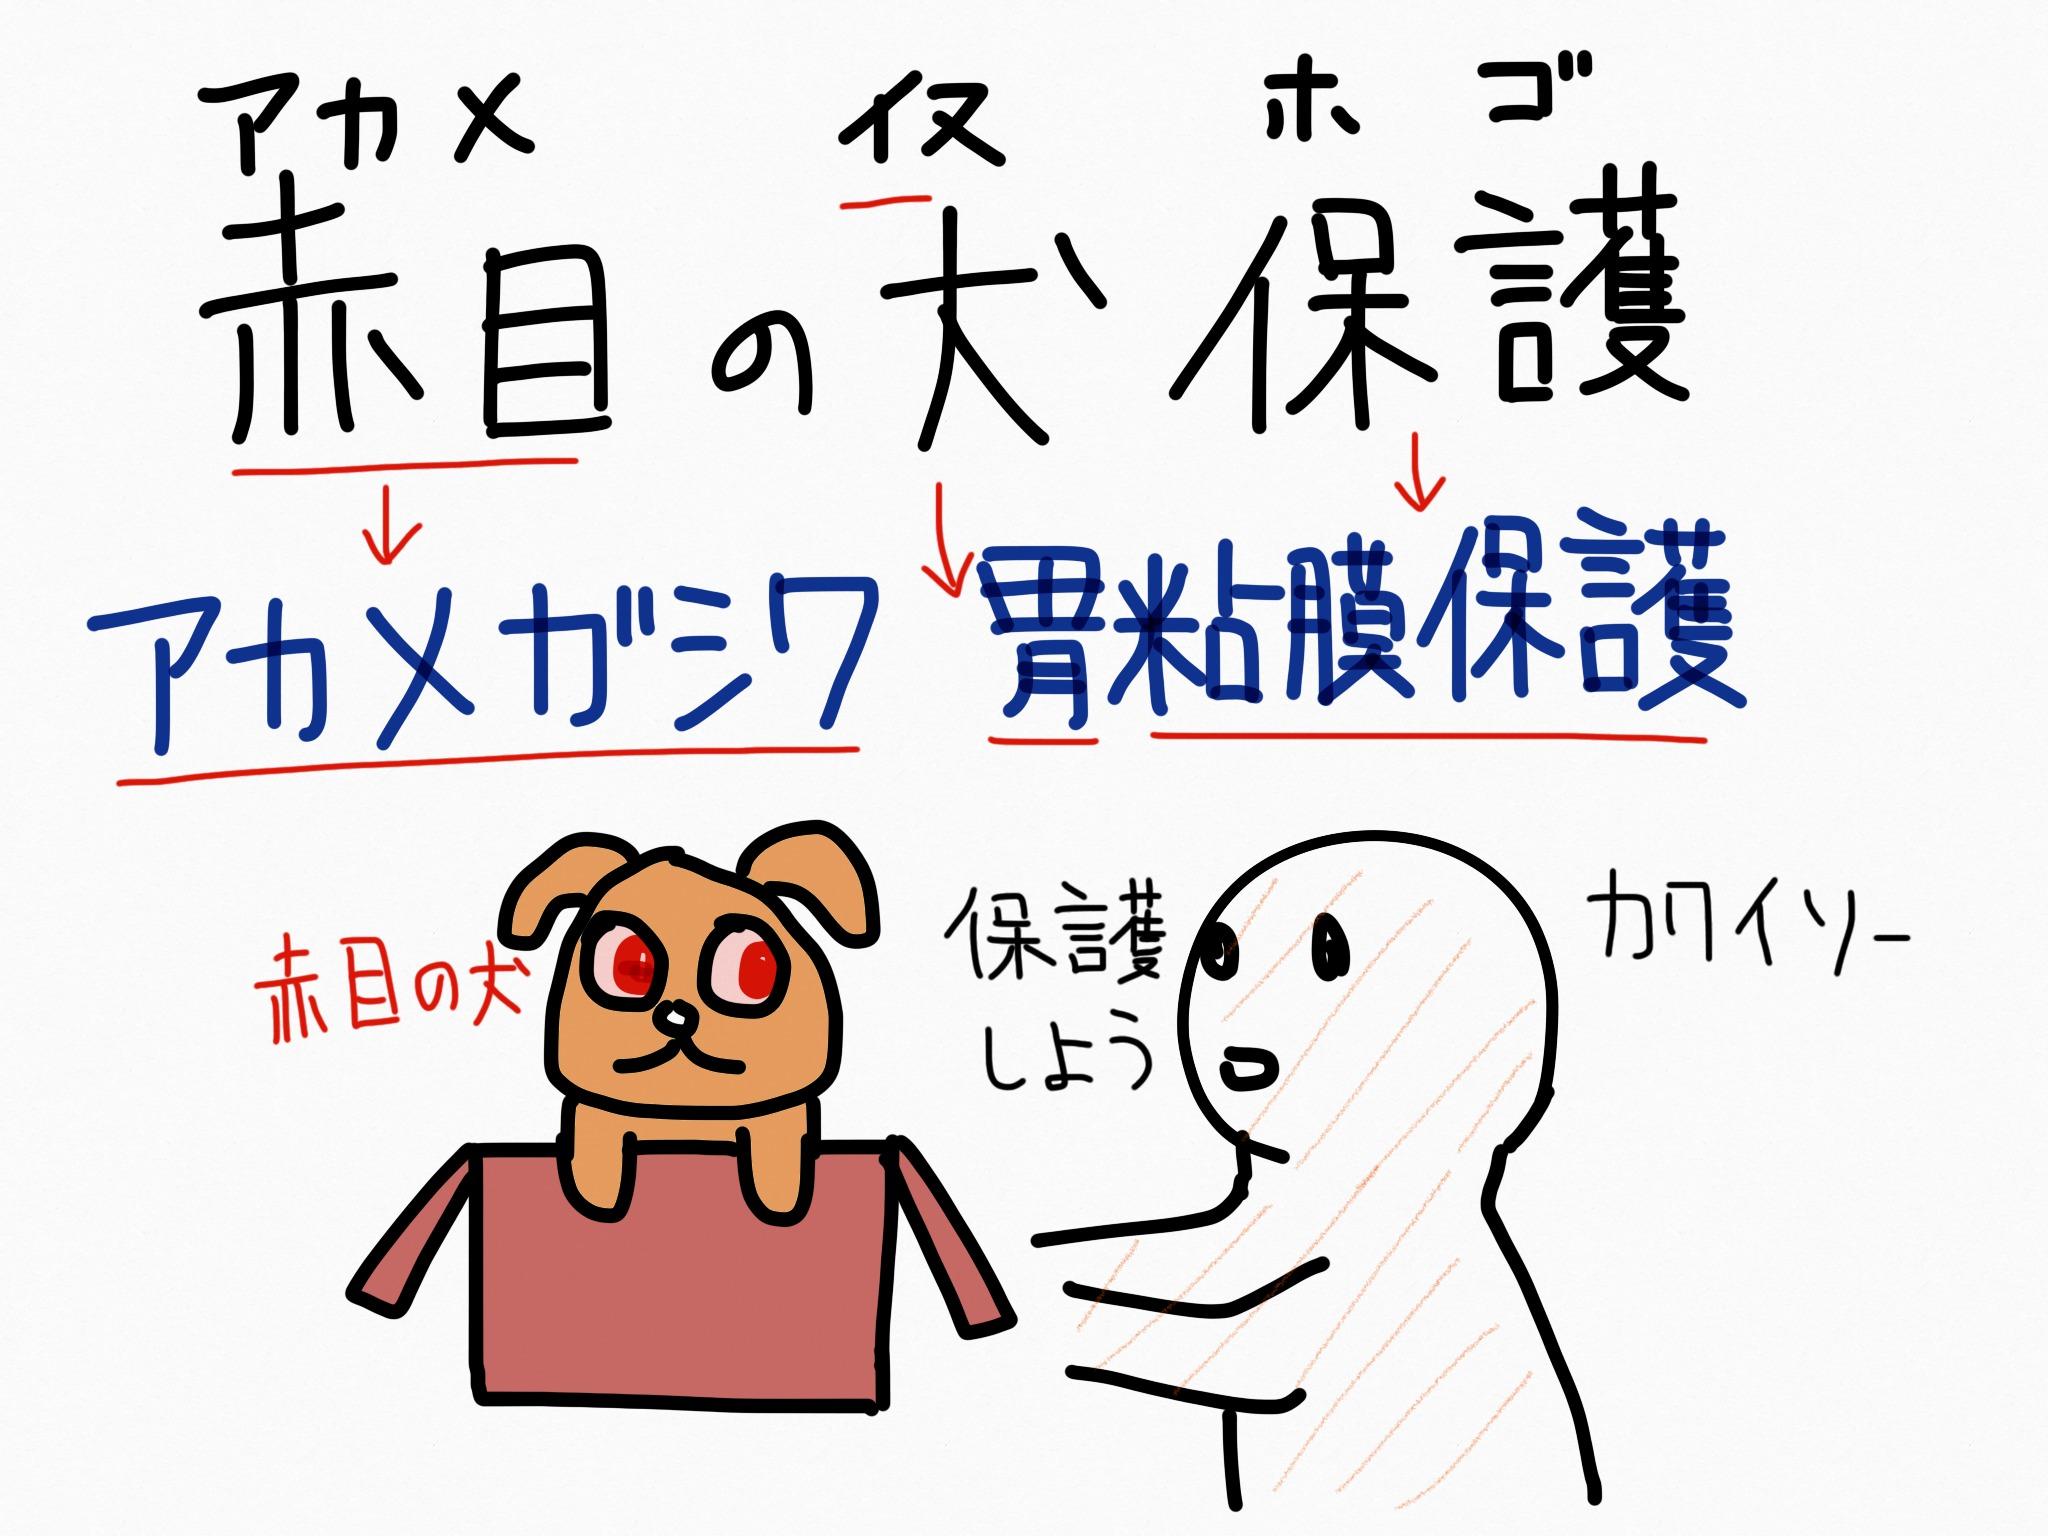 アカメガシワ[胃腸薬]生薬の覚え方・暗記方法・語呂合わせ